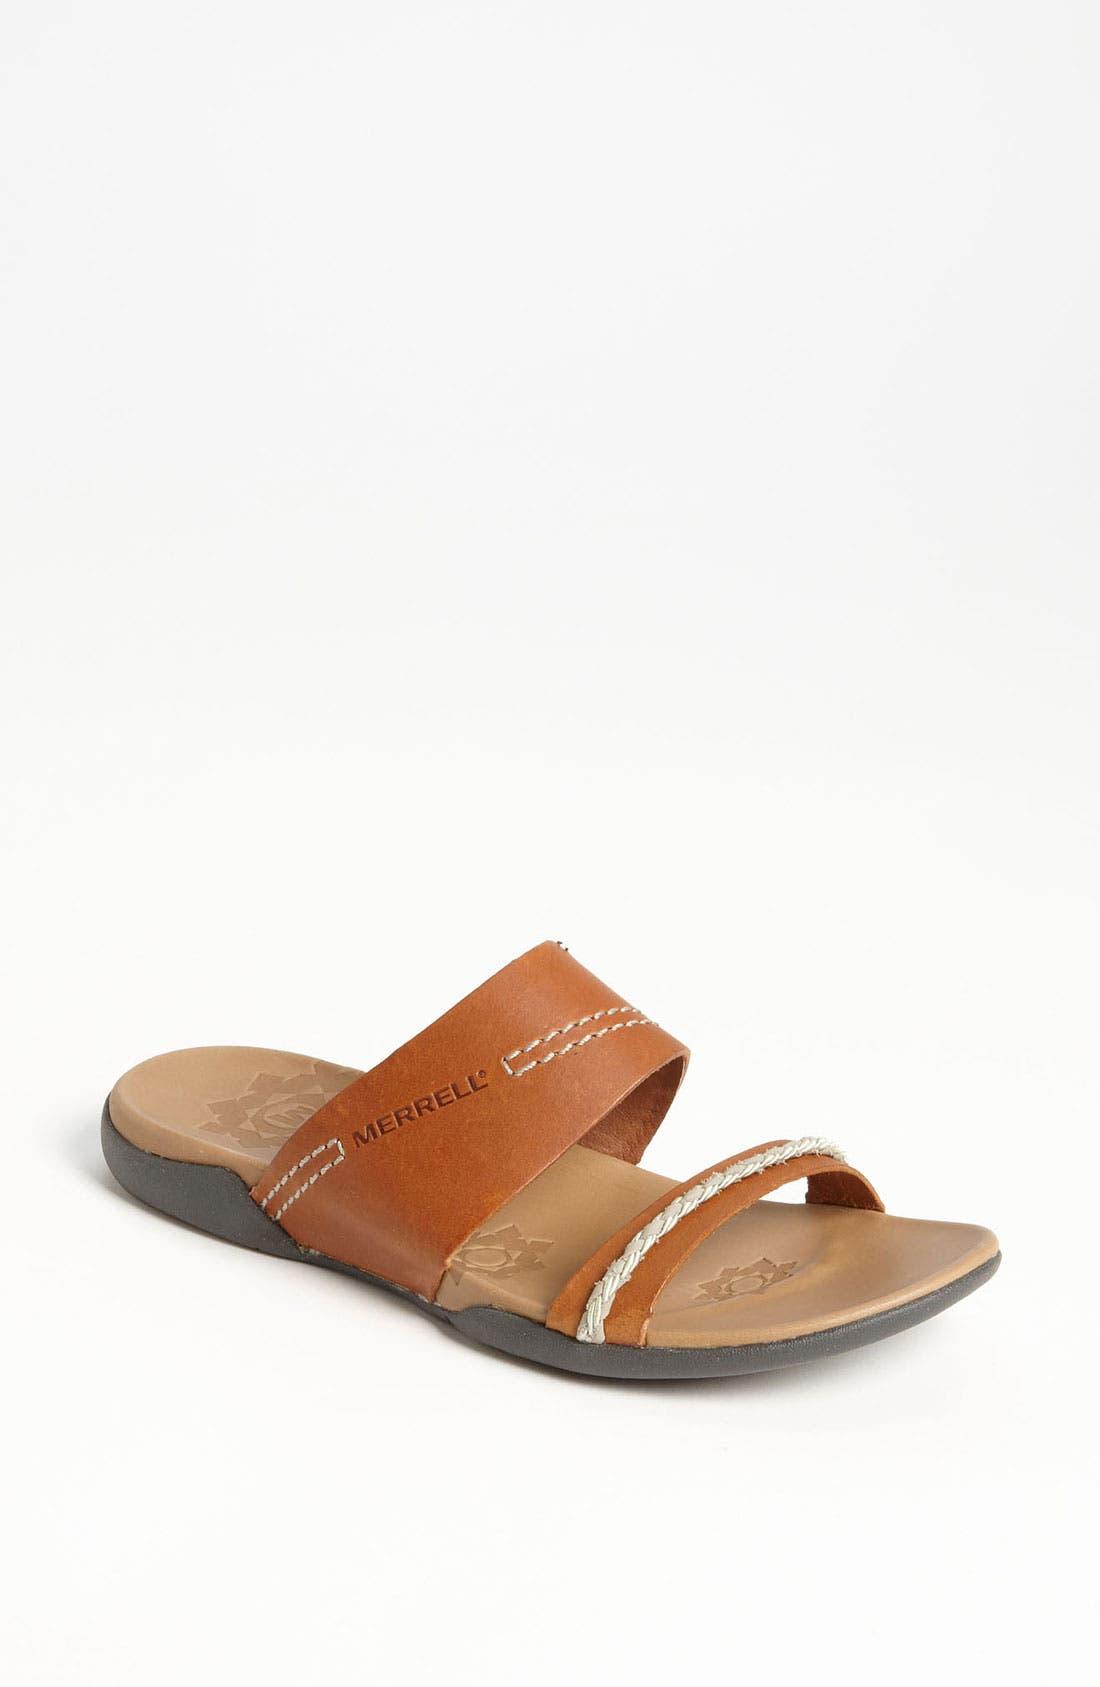 Main Image - Merrell 'Shudra' Sandal